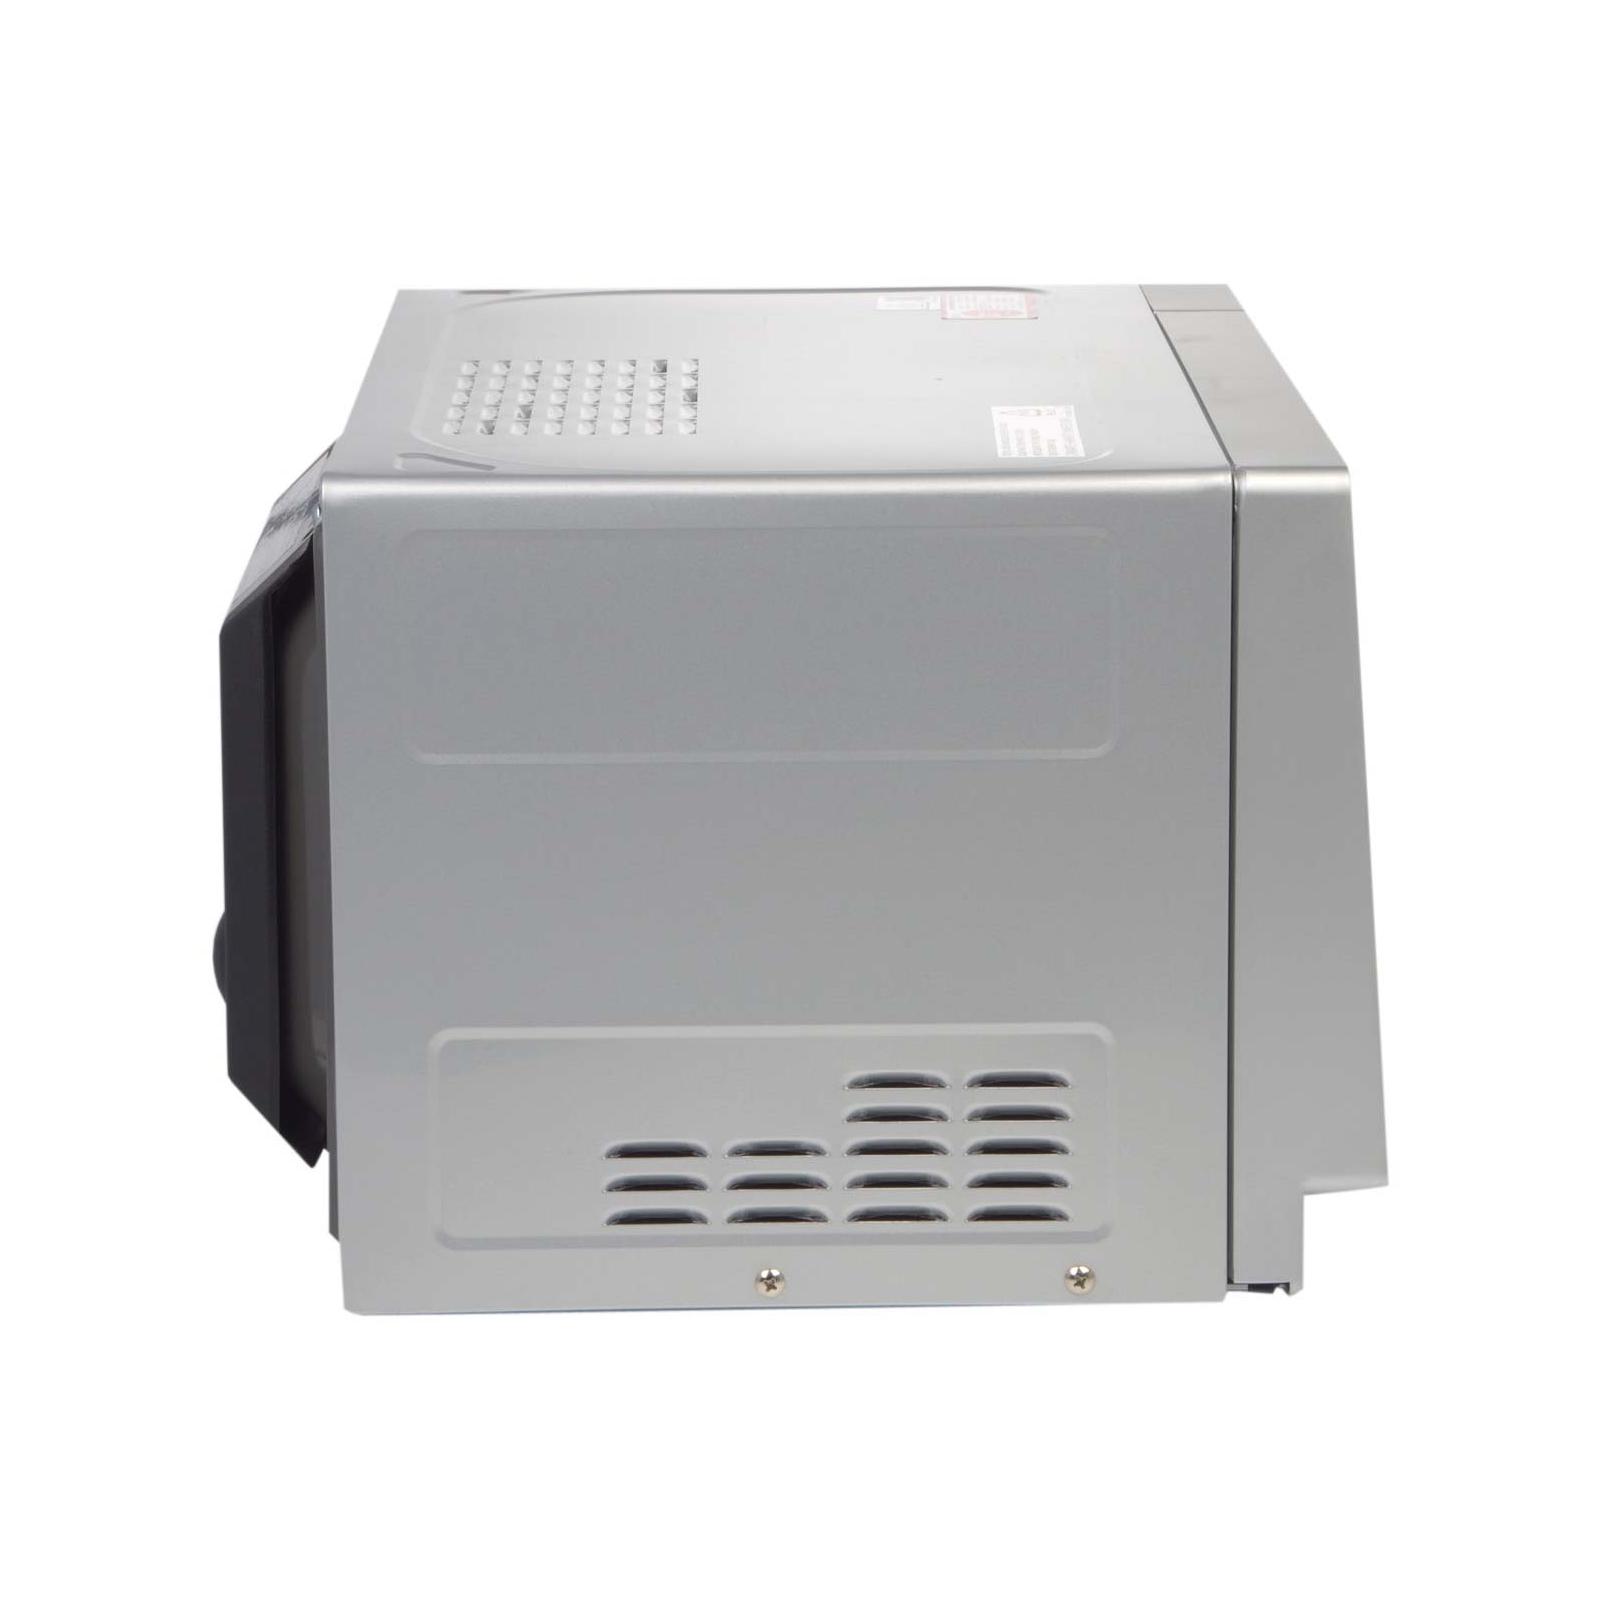 Микроволновая печь LG MH6043HANS изображение 4